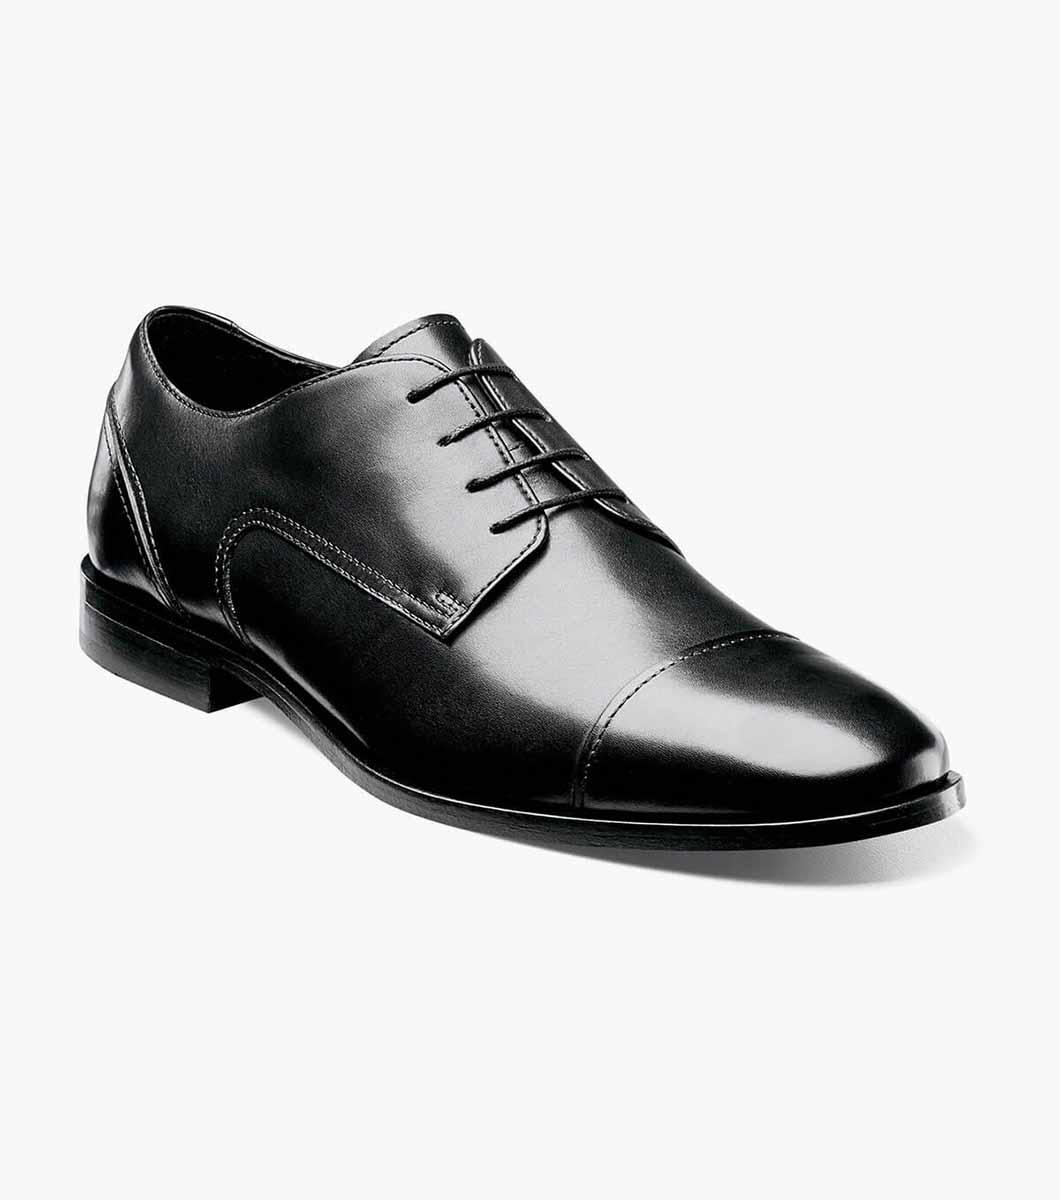 820321eb2af8 Men s Dress Shoes